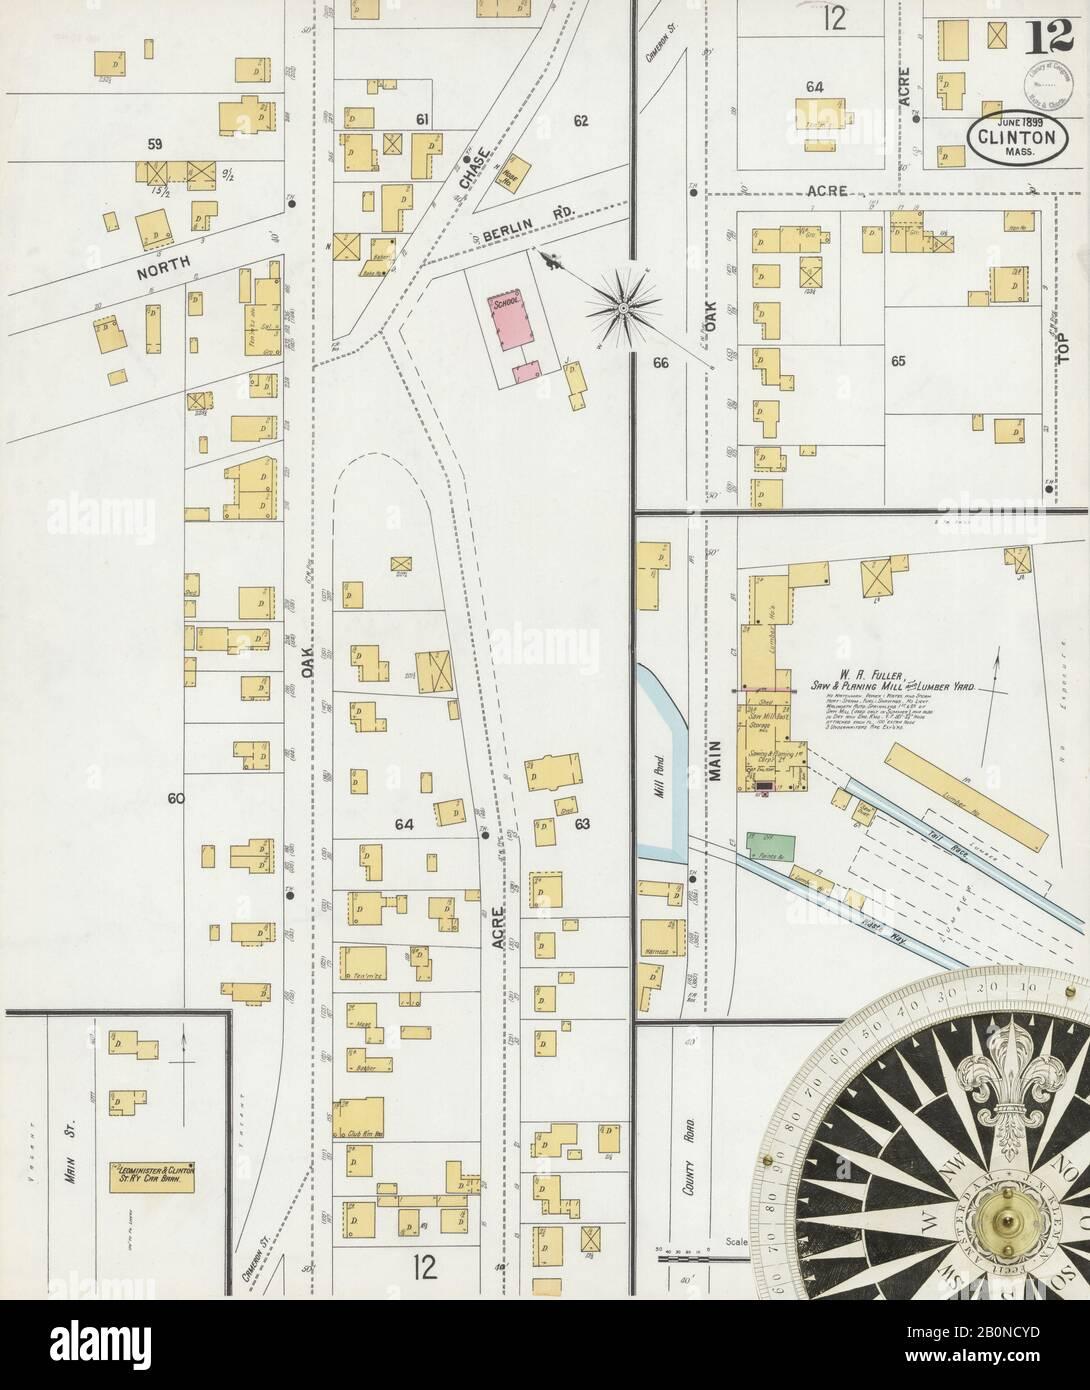 Image 12 De La Carte D'Assurance-Incendie Sanborn De Clinton, Comté De Worcester, Massachusetts. Juin 1899. 12 feuille(s), Amérique, plan de rue avec compas du XIXe siècle Banque D'Images